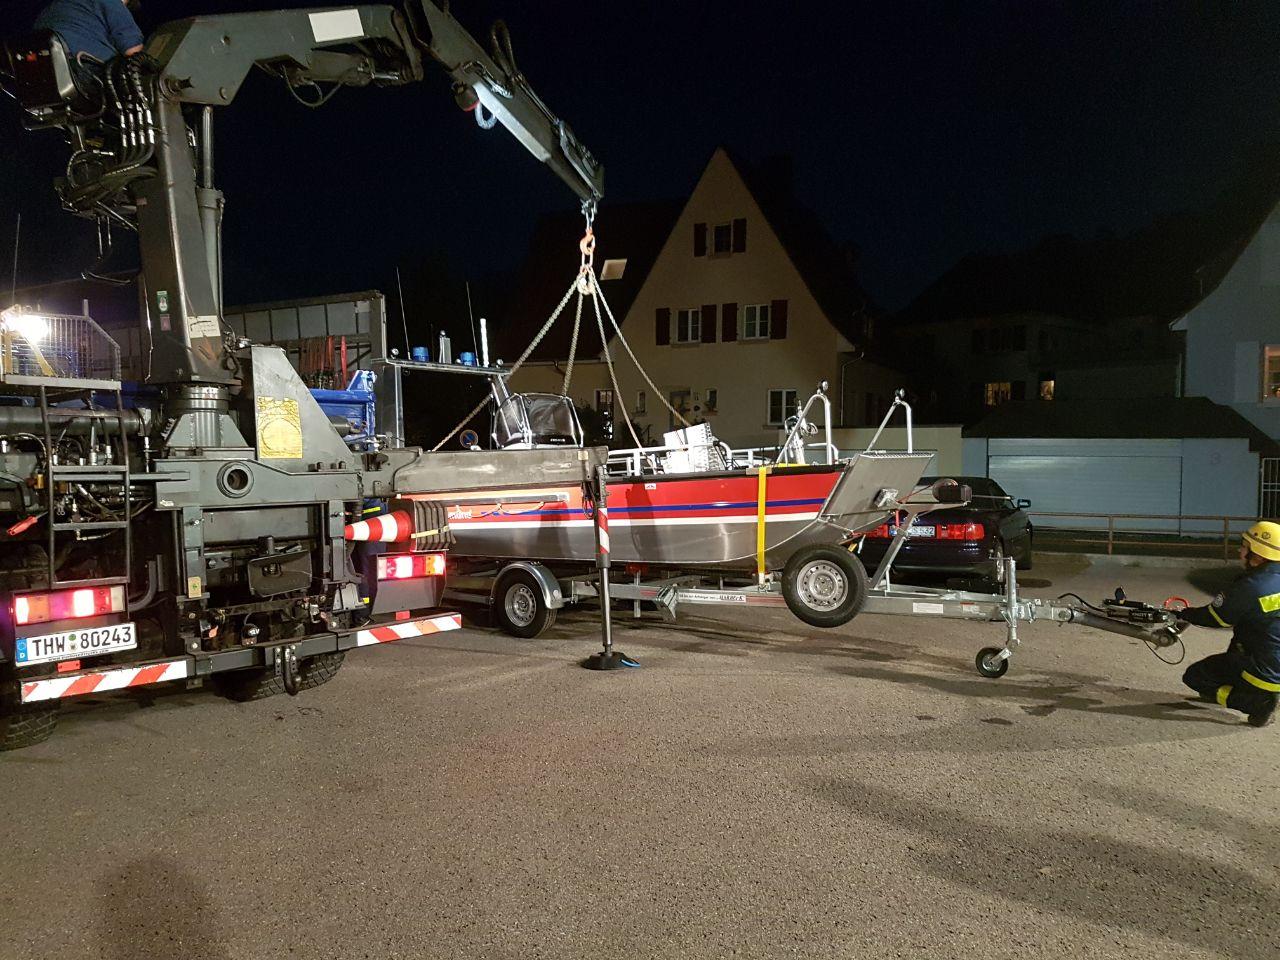 2017-10-16-fahrzeug-mehrzweckboot-006